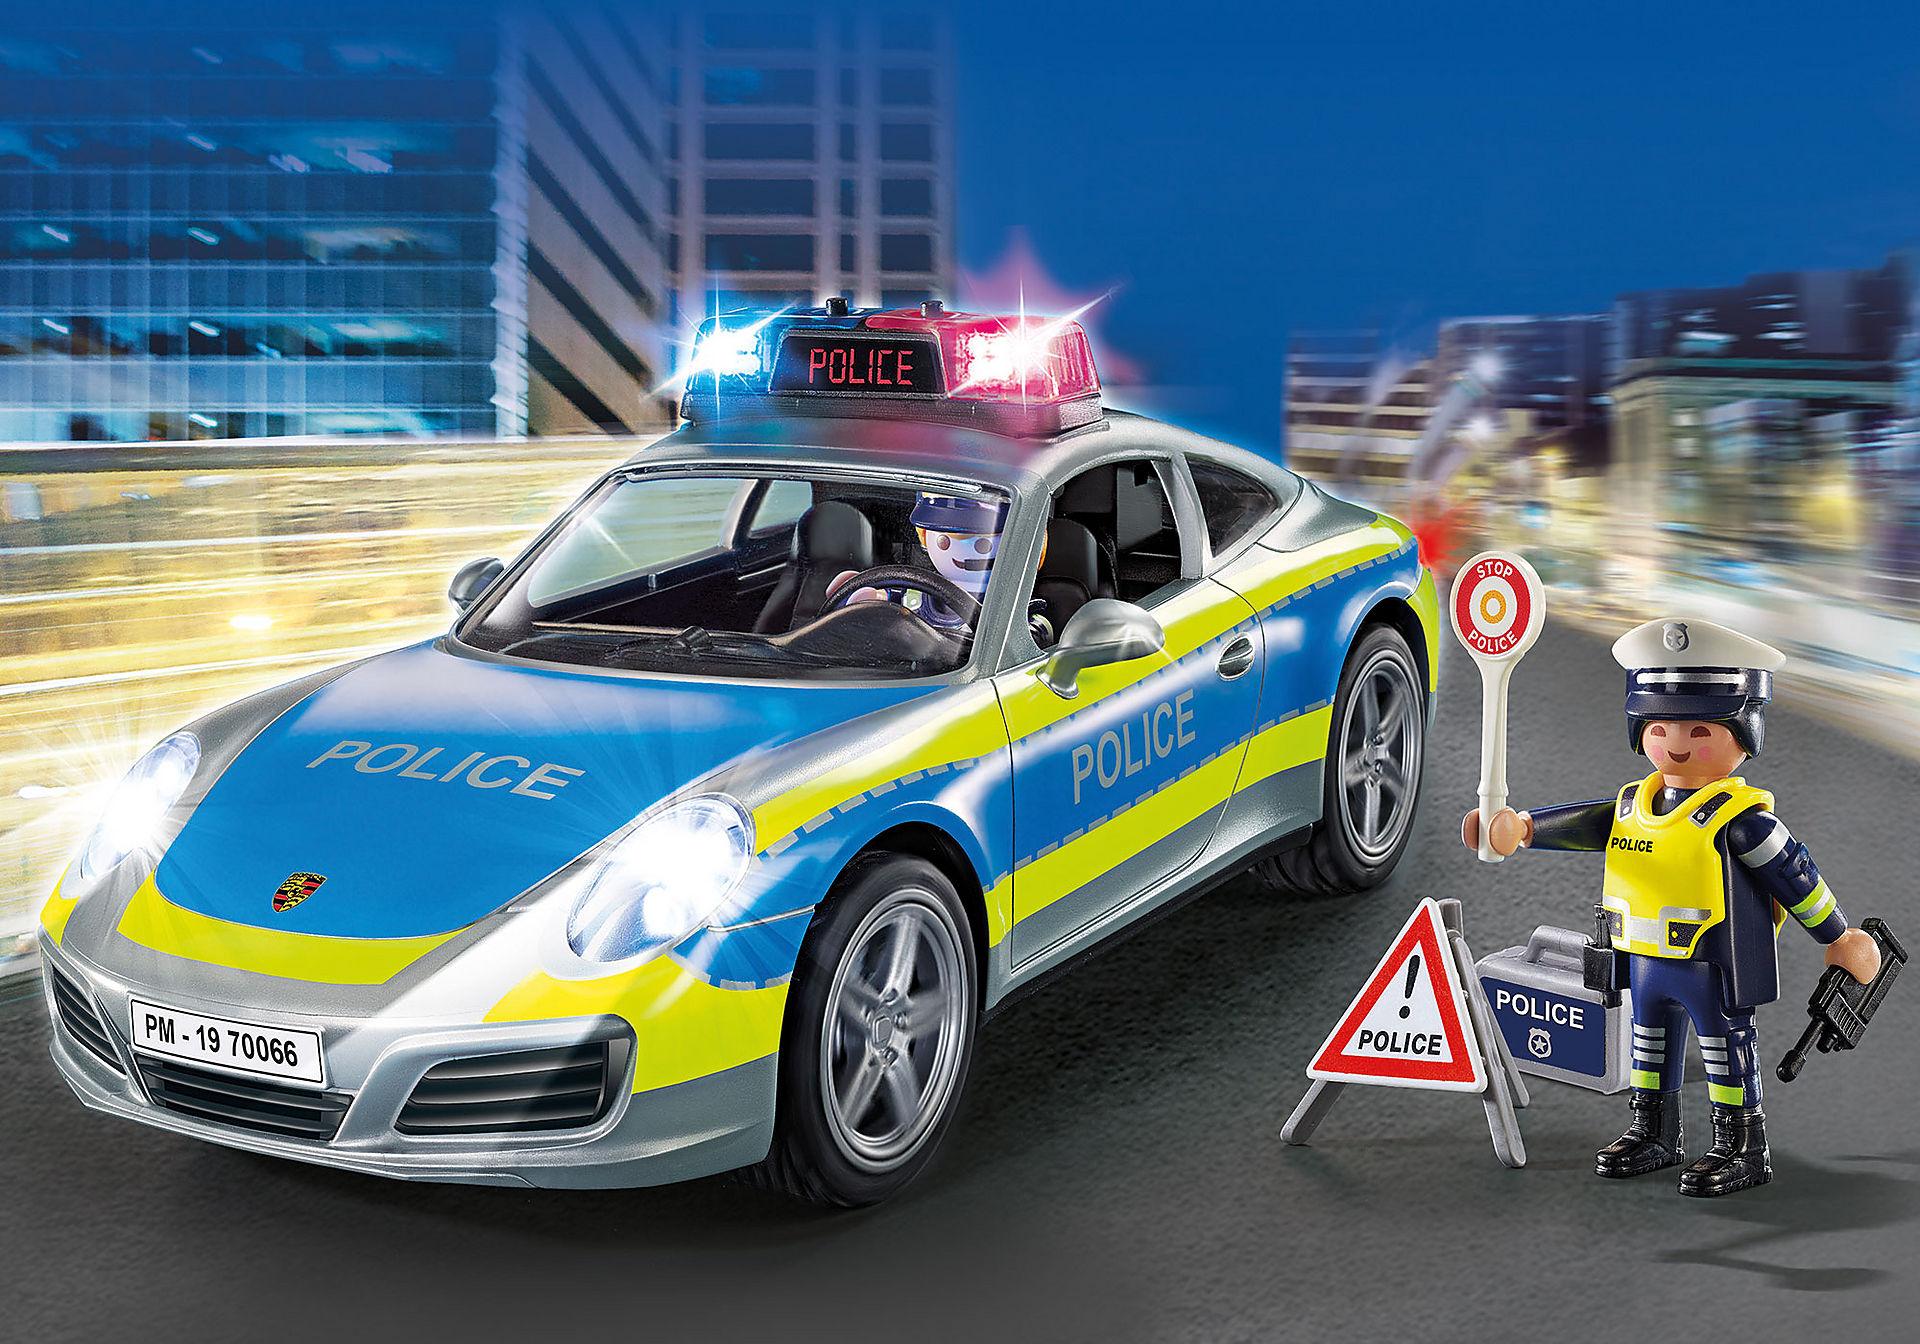 70066 Porsche 911 Carrera 4S Politi zoom image1